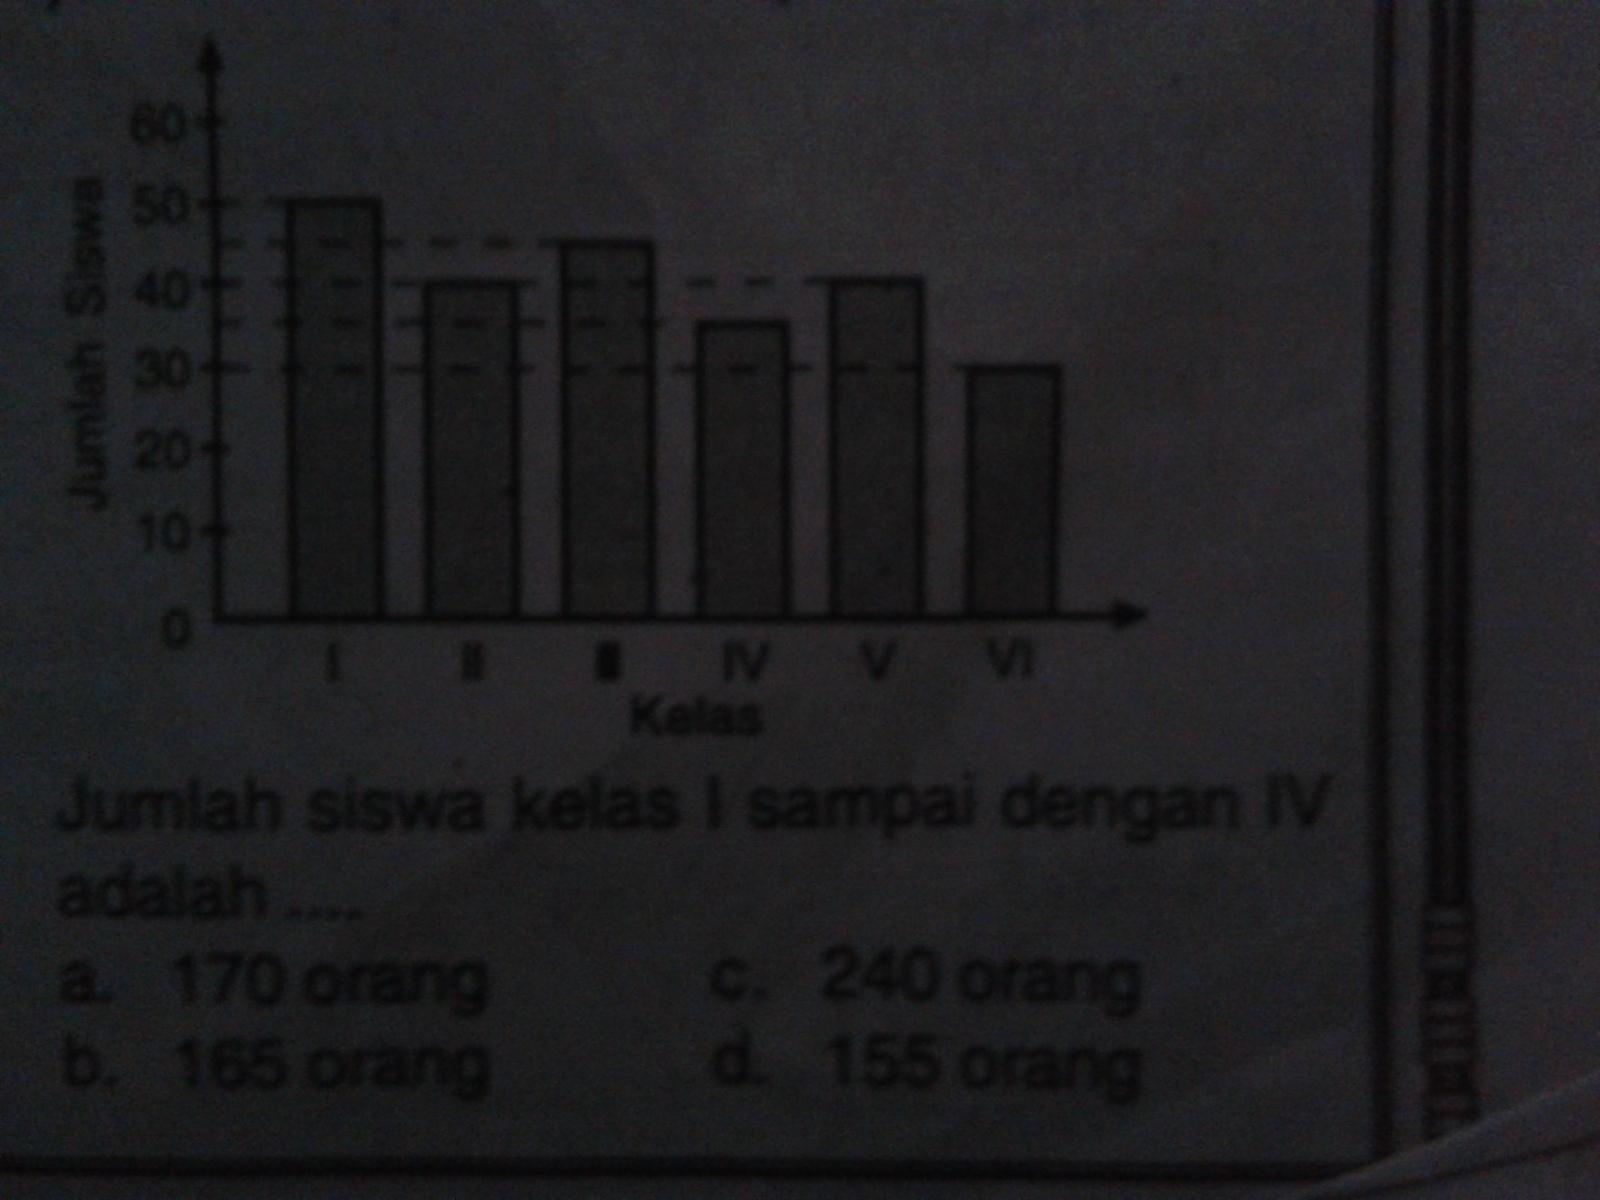 Diagram di bawah menunjukan jumlah siswa SD Tridaya